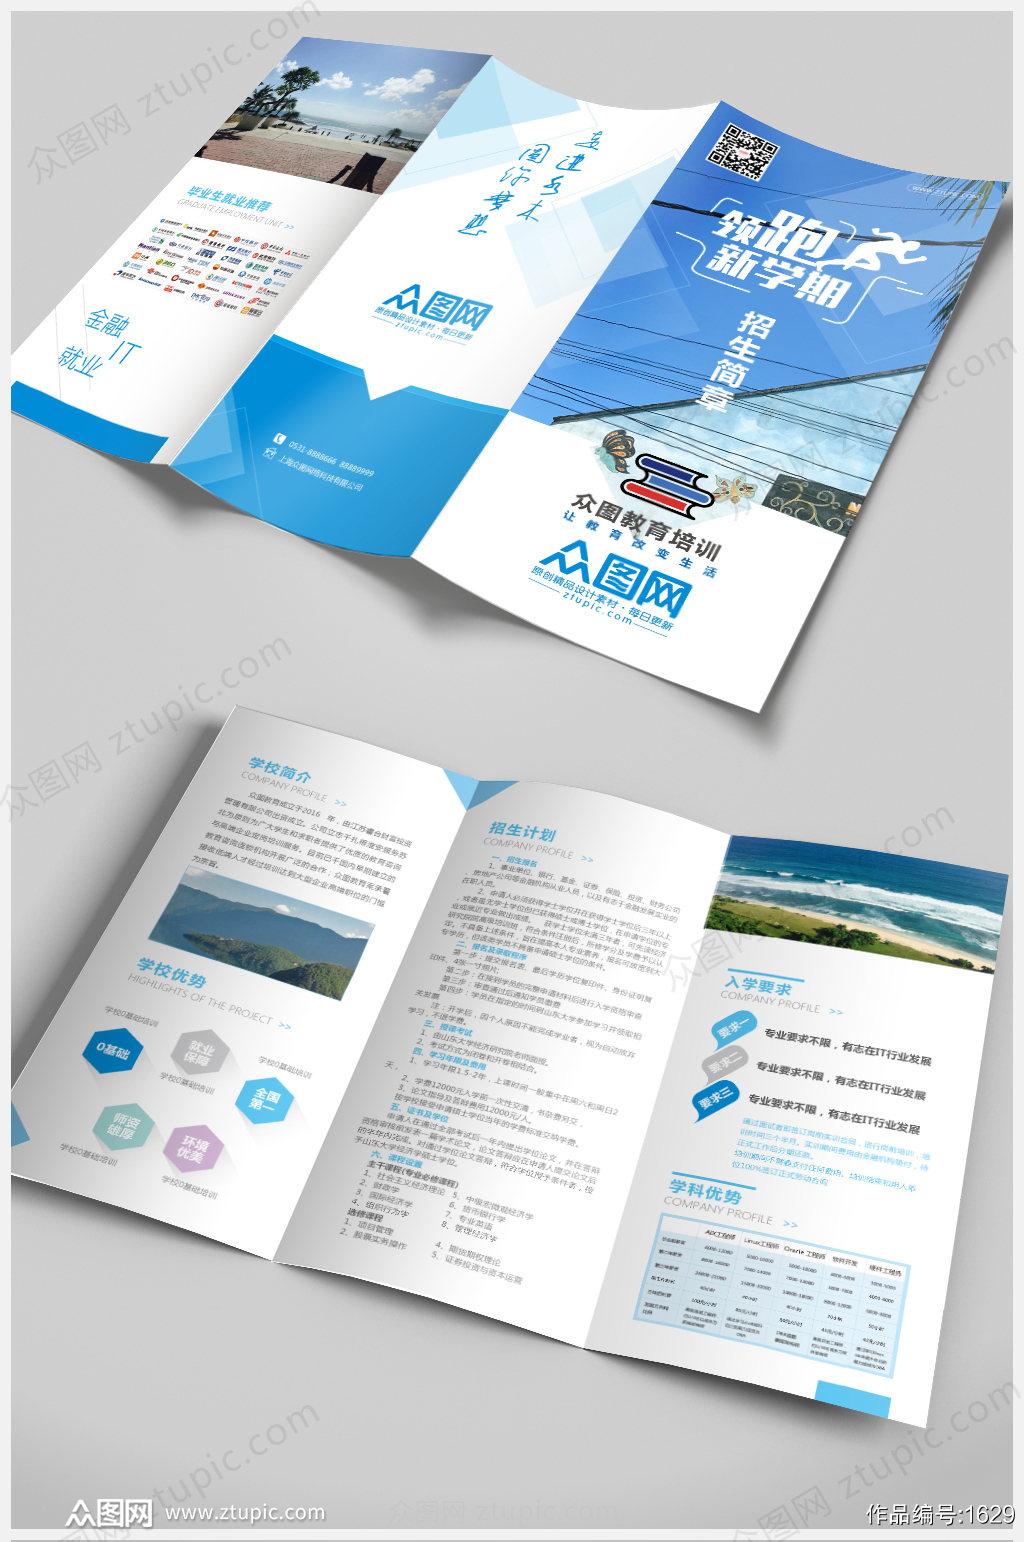 蓝色教育培训三折页设计PSD模板素材